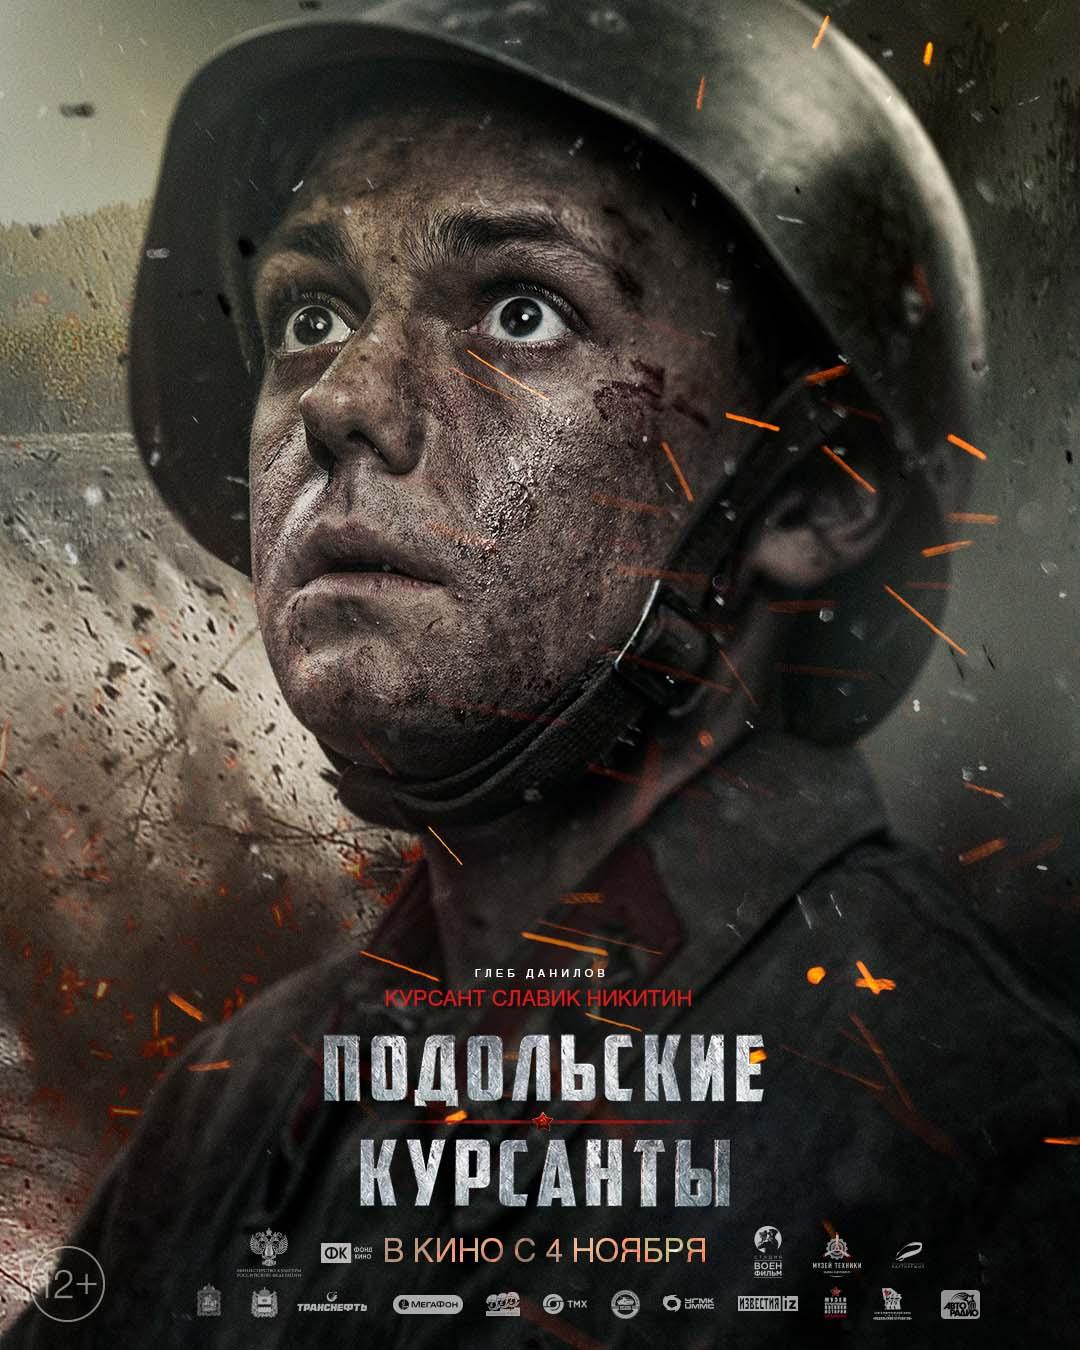 Подольские курсанты 2020 Персонажный постер 11